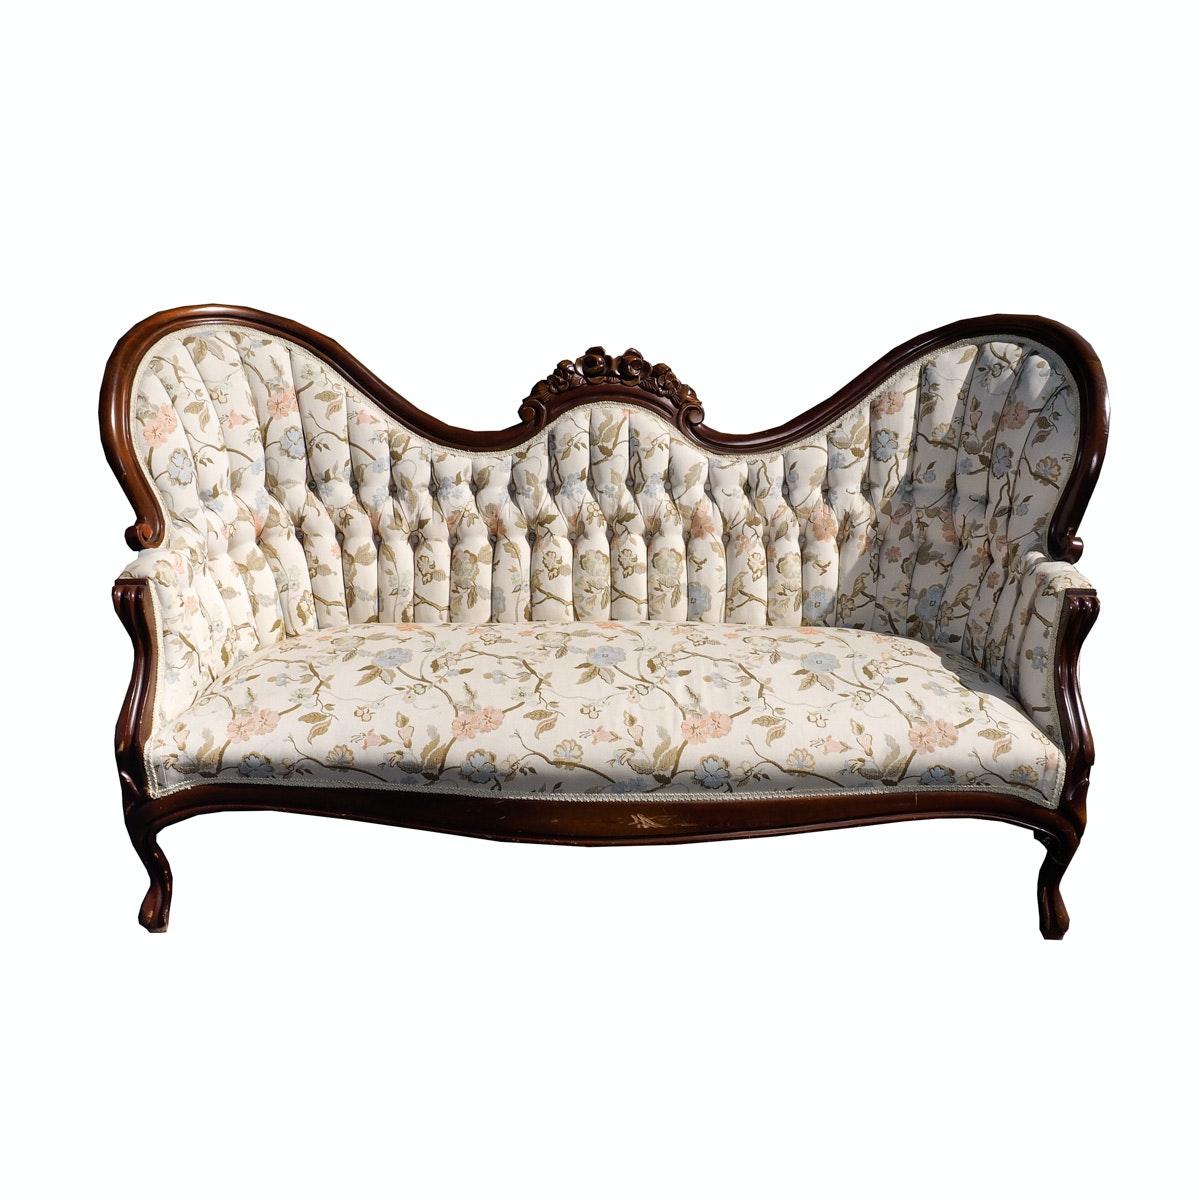 Camel Back Floral Upholstered Sofa